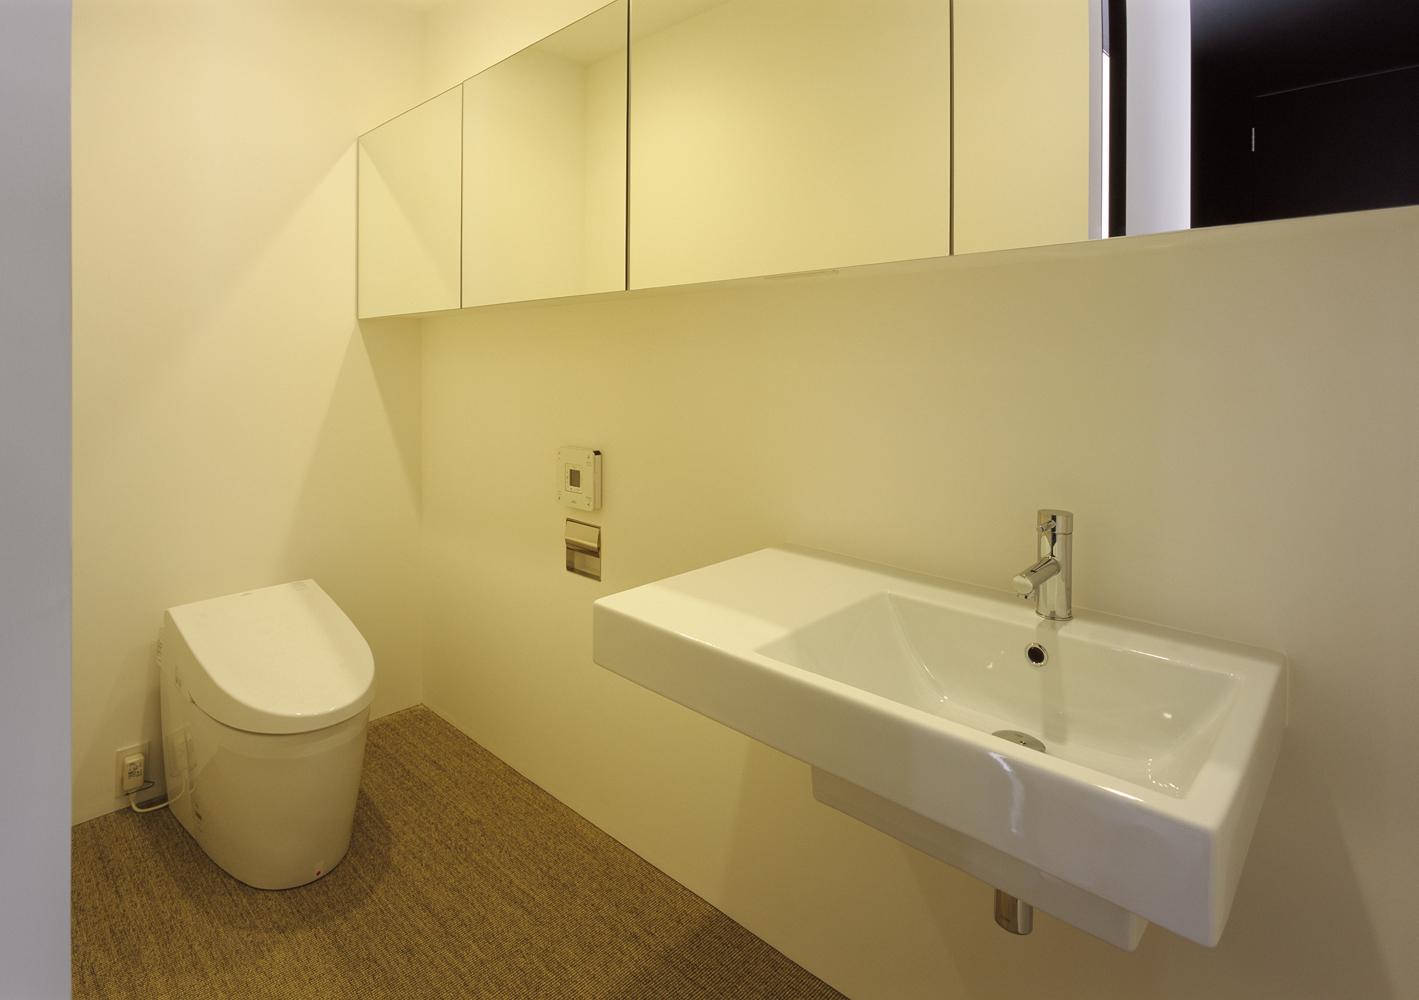 鏡貼りの横長収納が、より広いスペースを演出させるトイレ-fevecasa